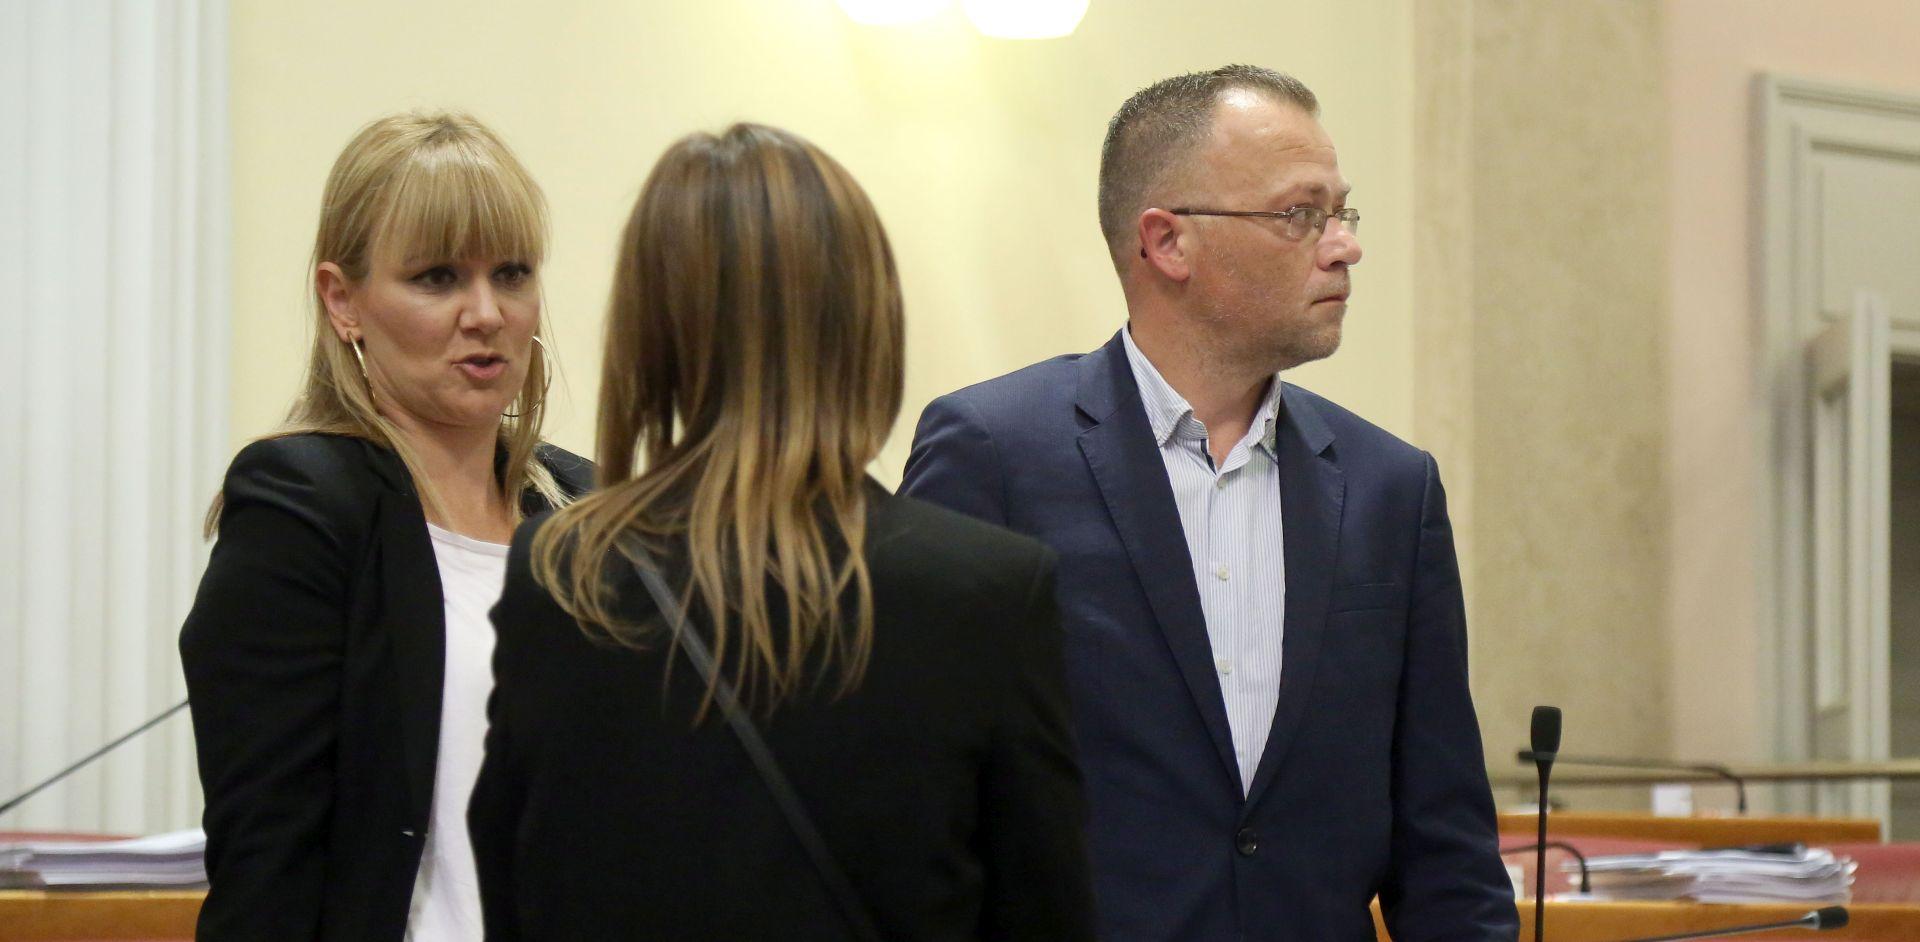 """ZAVRŠIO U PRITVORU Preko Facebooka prijetio Stieru, Esih i Hasanbegoviću: """"Bit će krvi i padat će glave"""""""